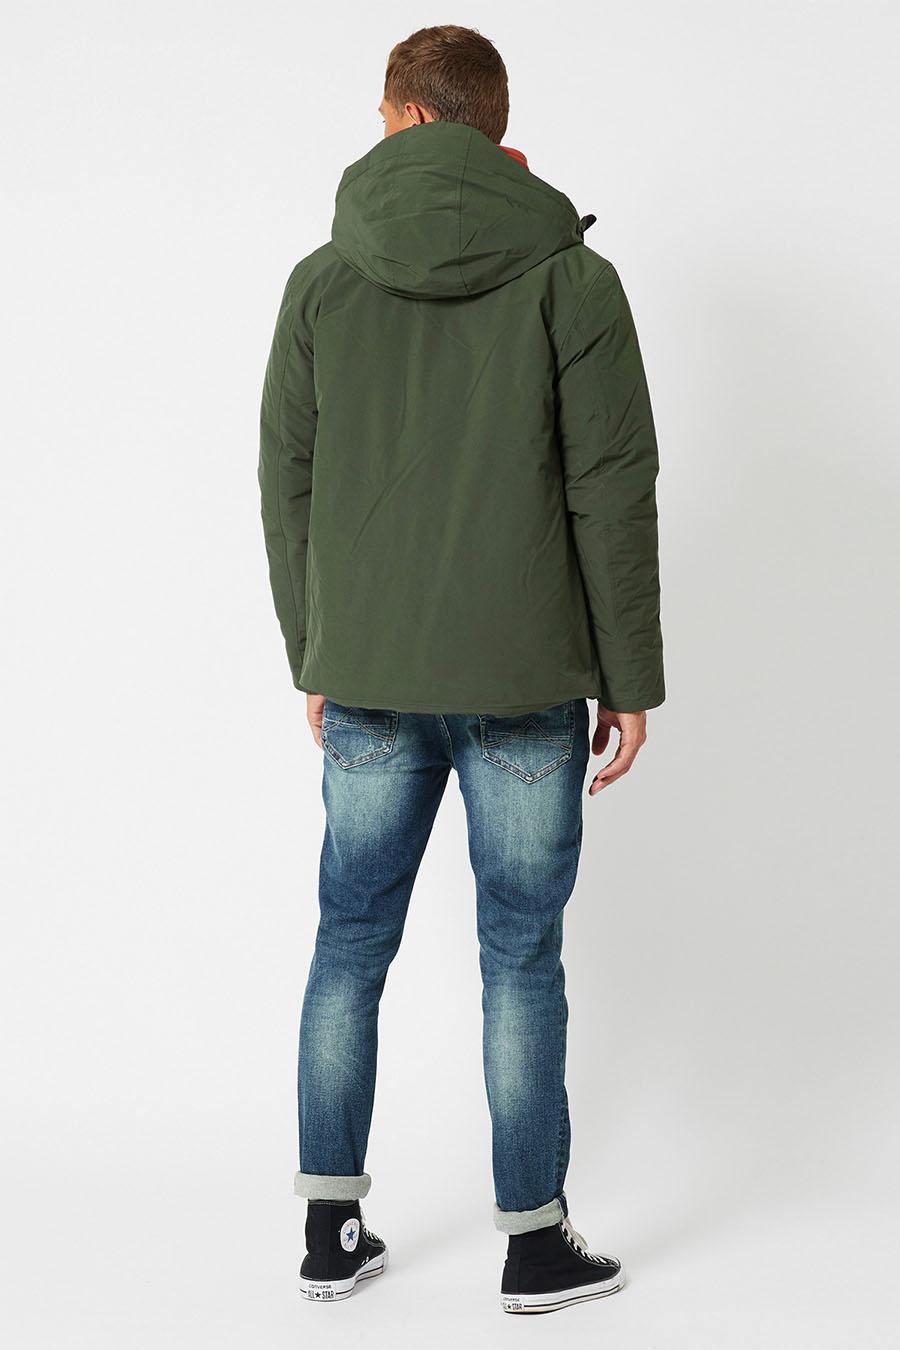 joris jacket